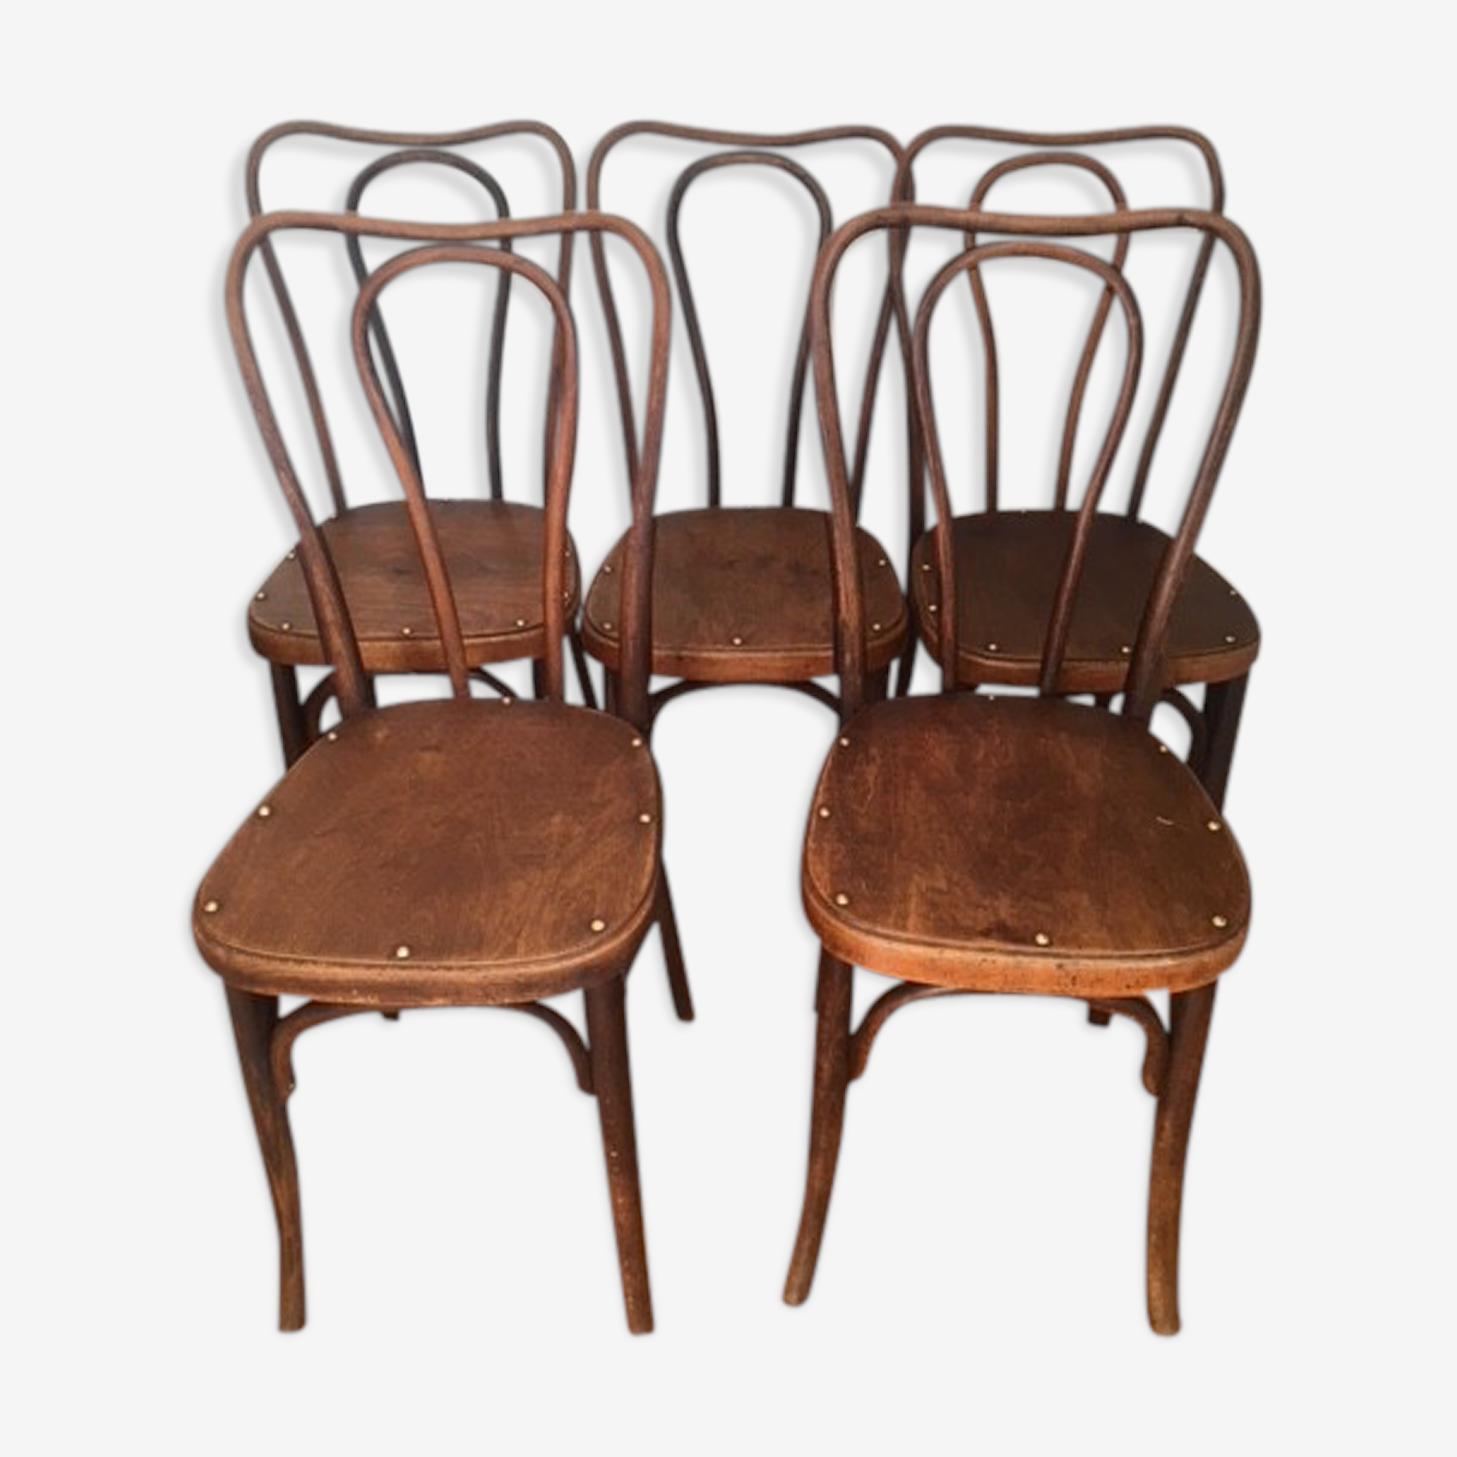 5 chaises bistrot J&J Kohn avec étiquette et estampille circa 1900